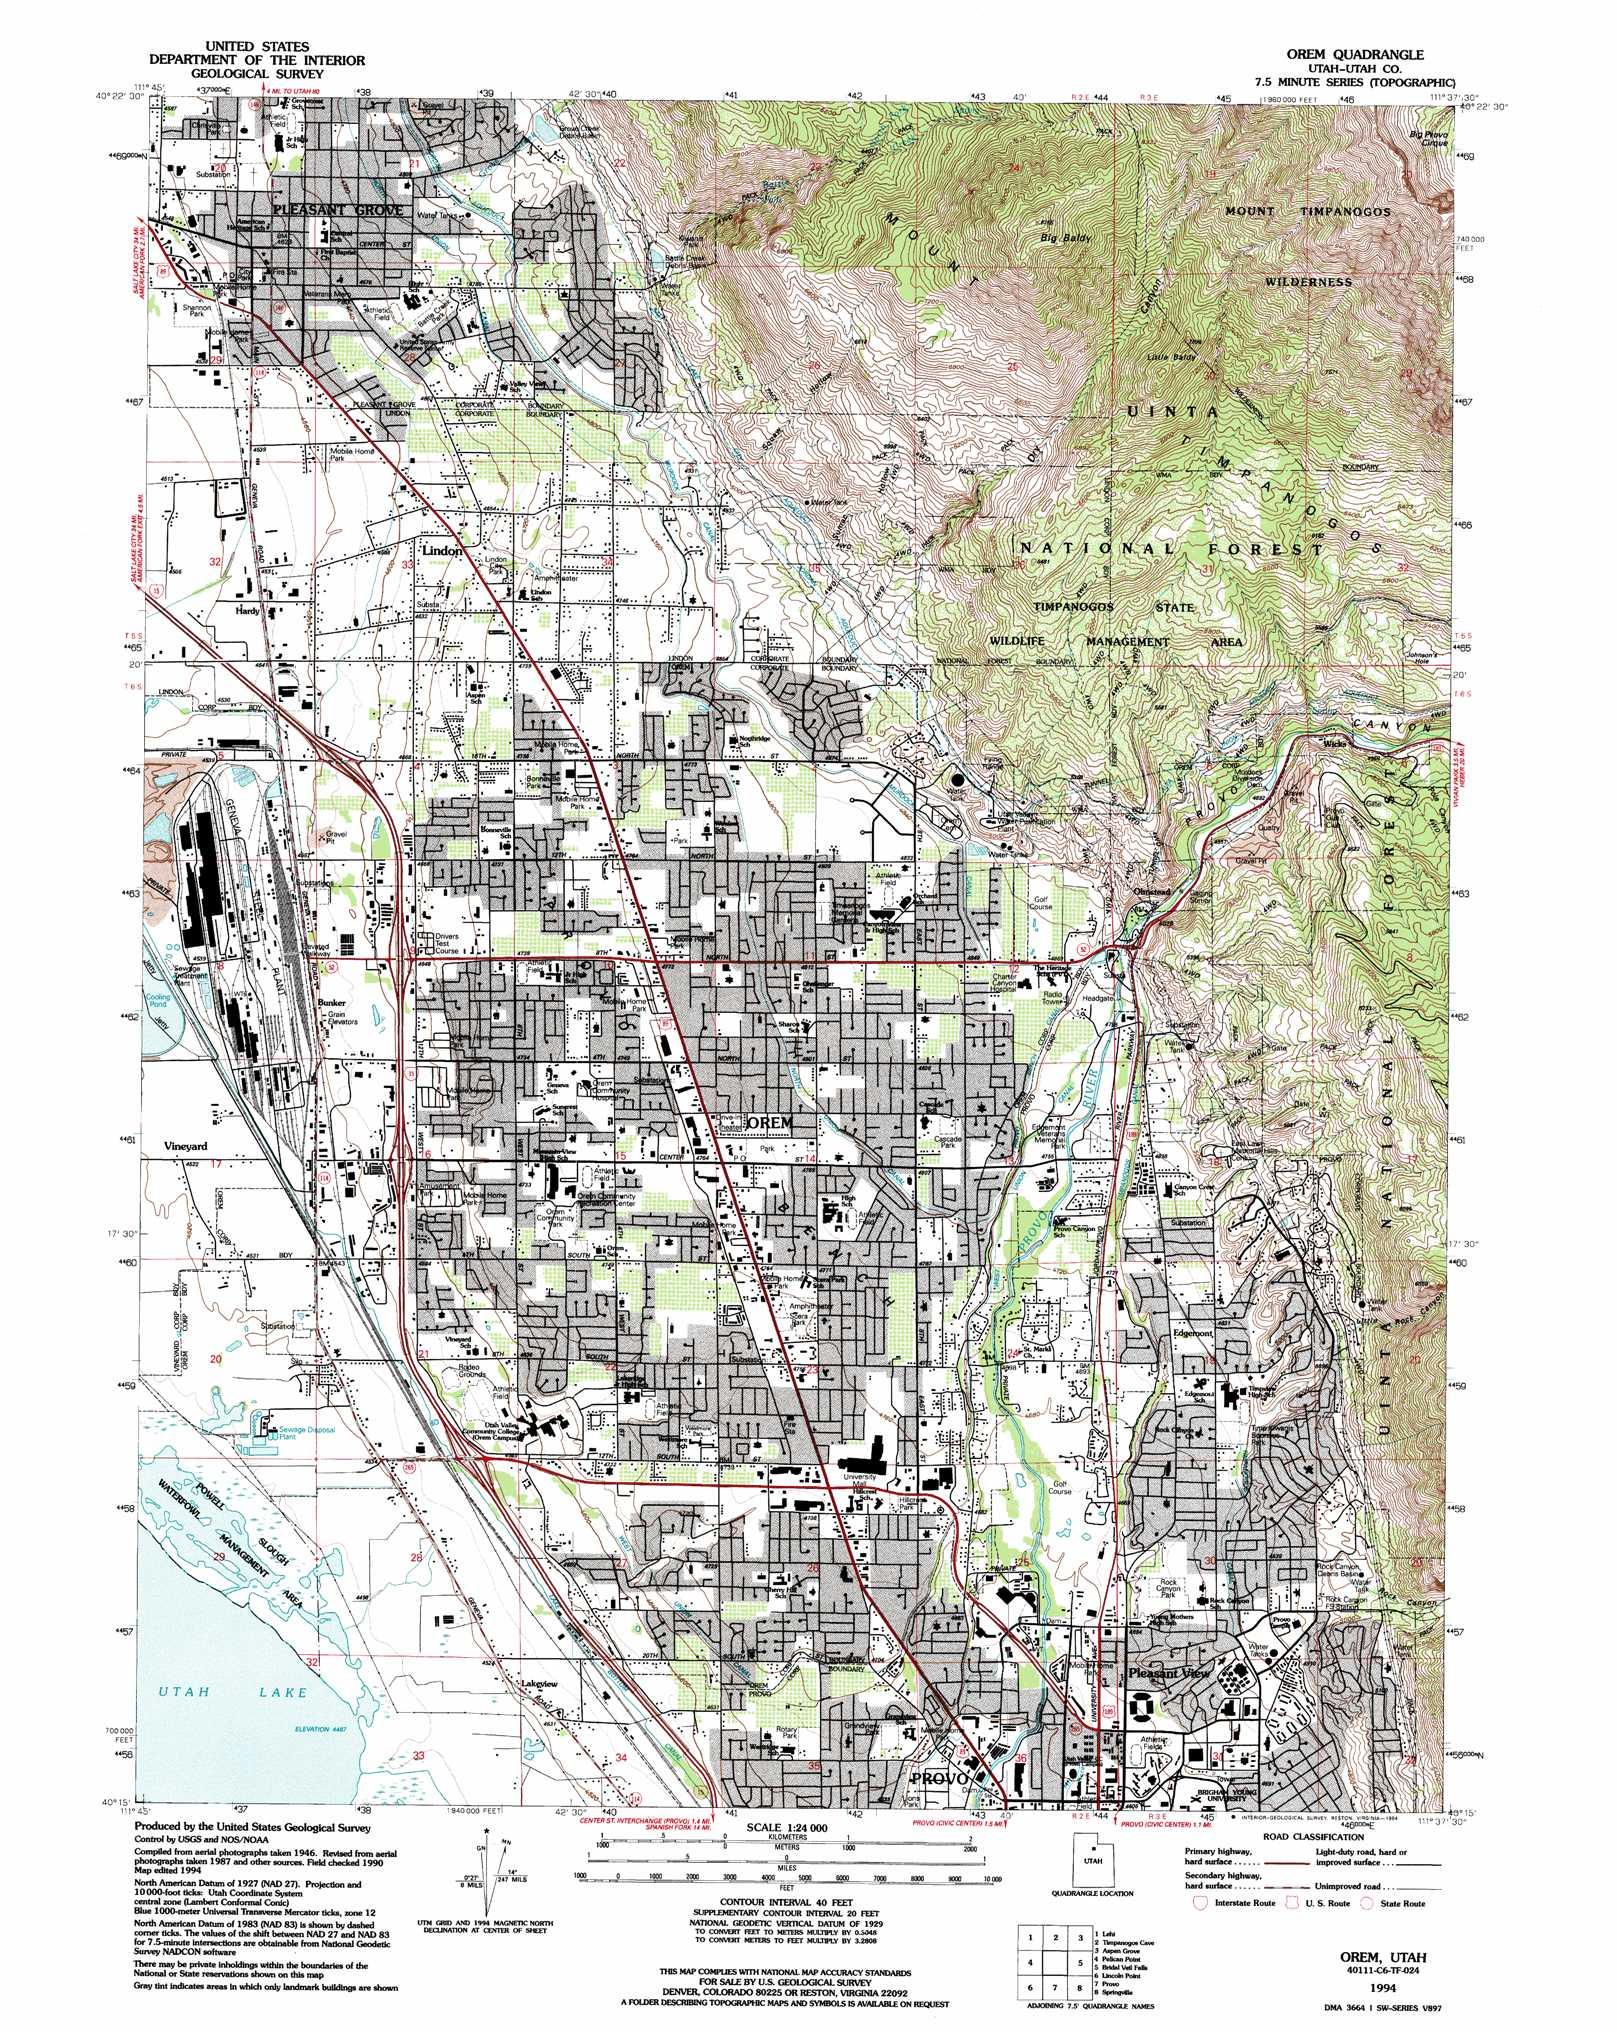 Orem topographic map UT USGS Topo Quad 40111c6